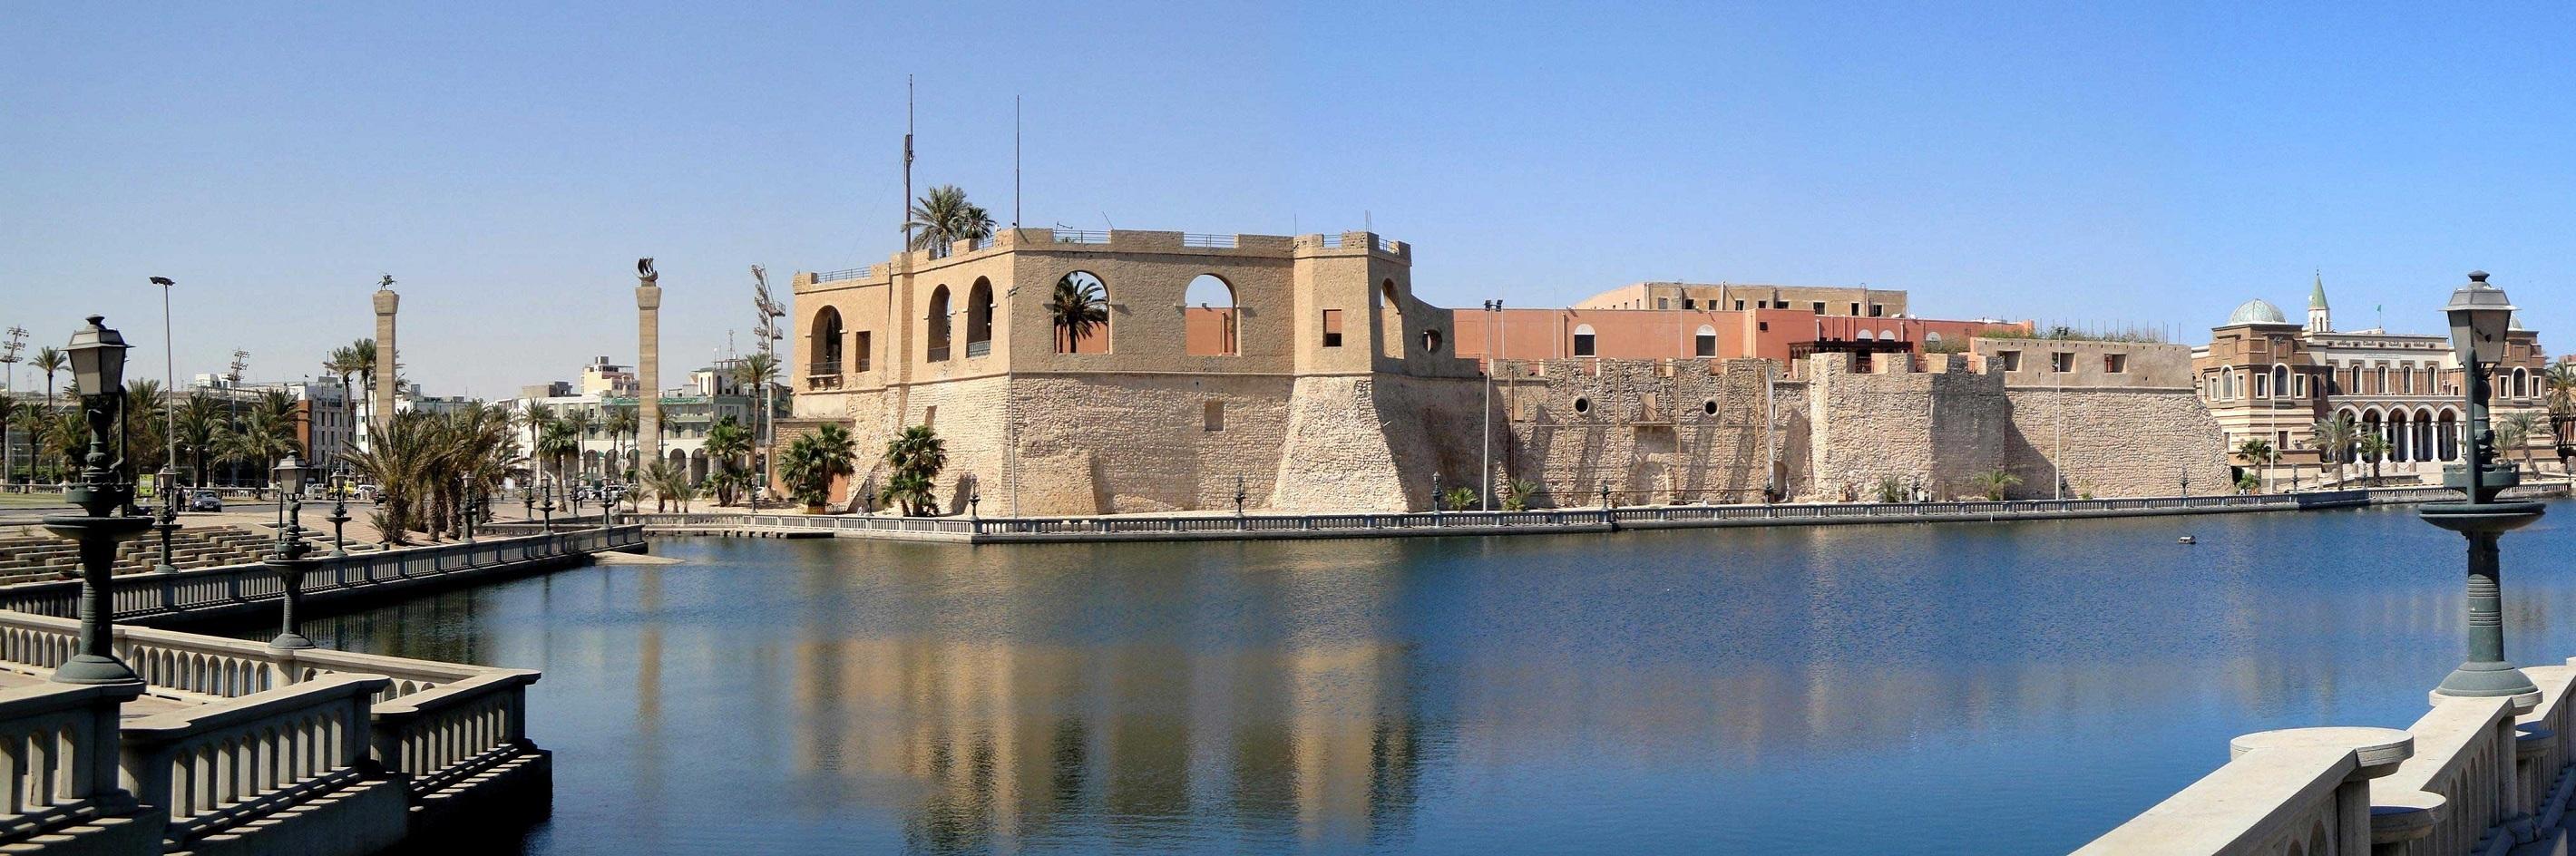 طرابلس خامس أسوا مدينة للعيش في العالم للعام 2015